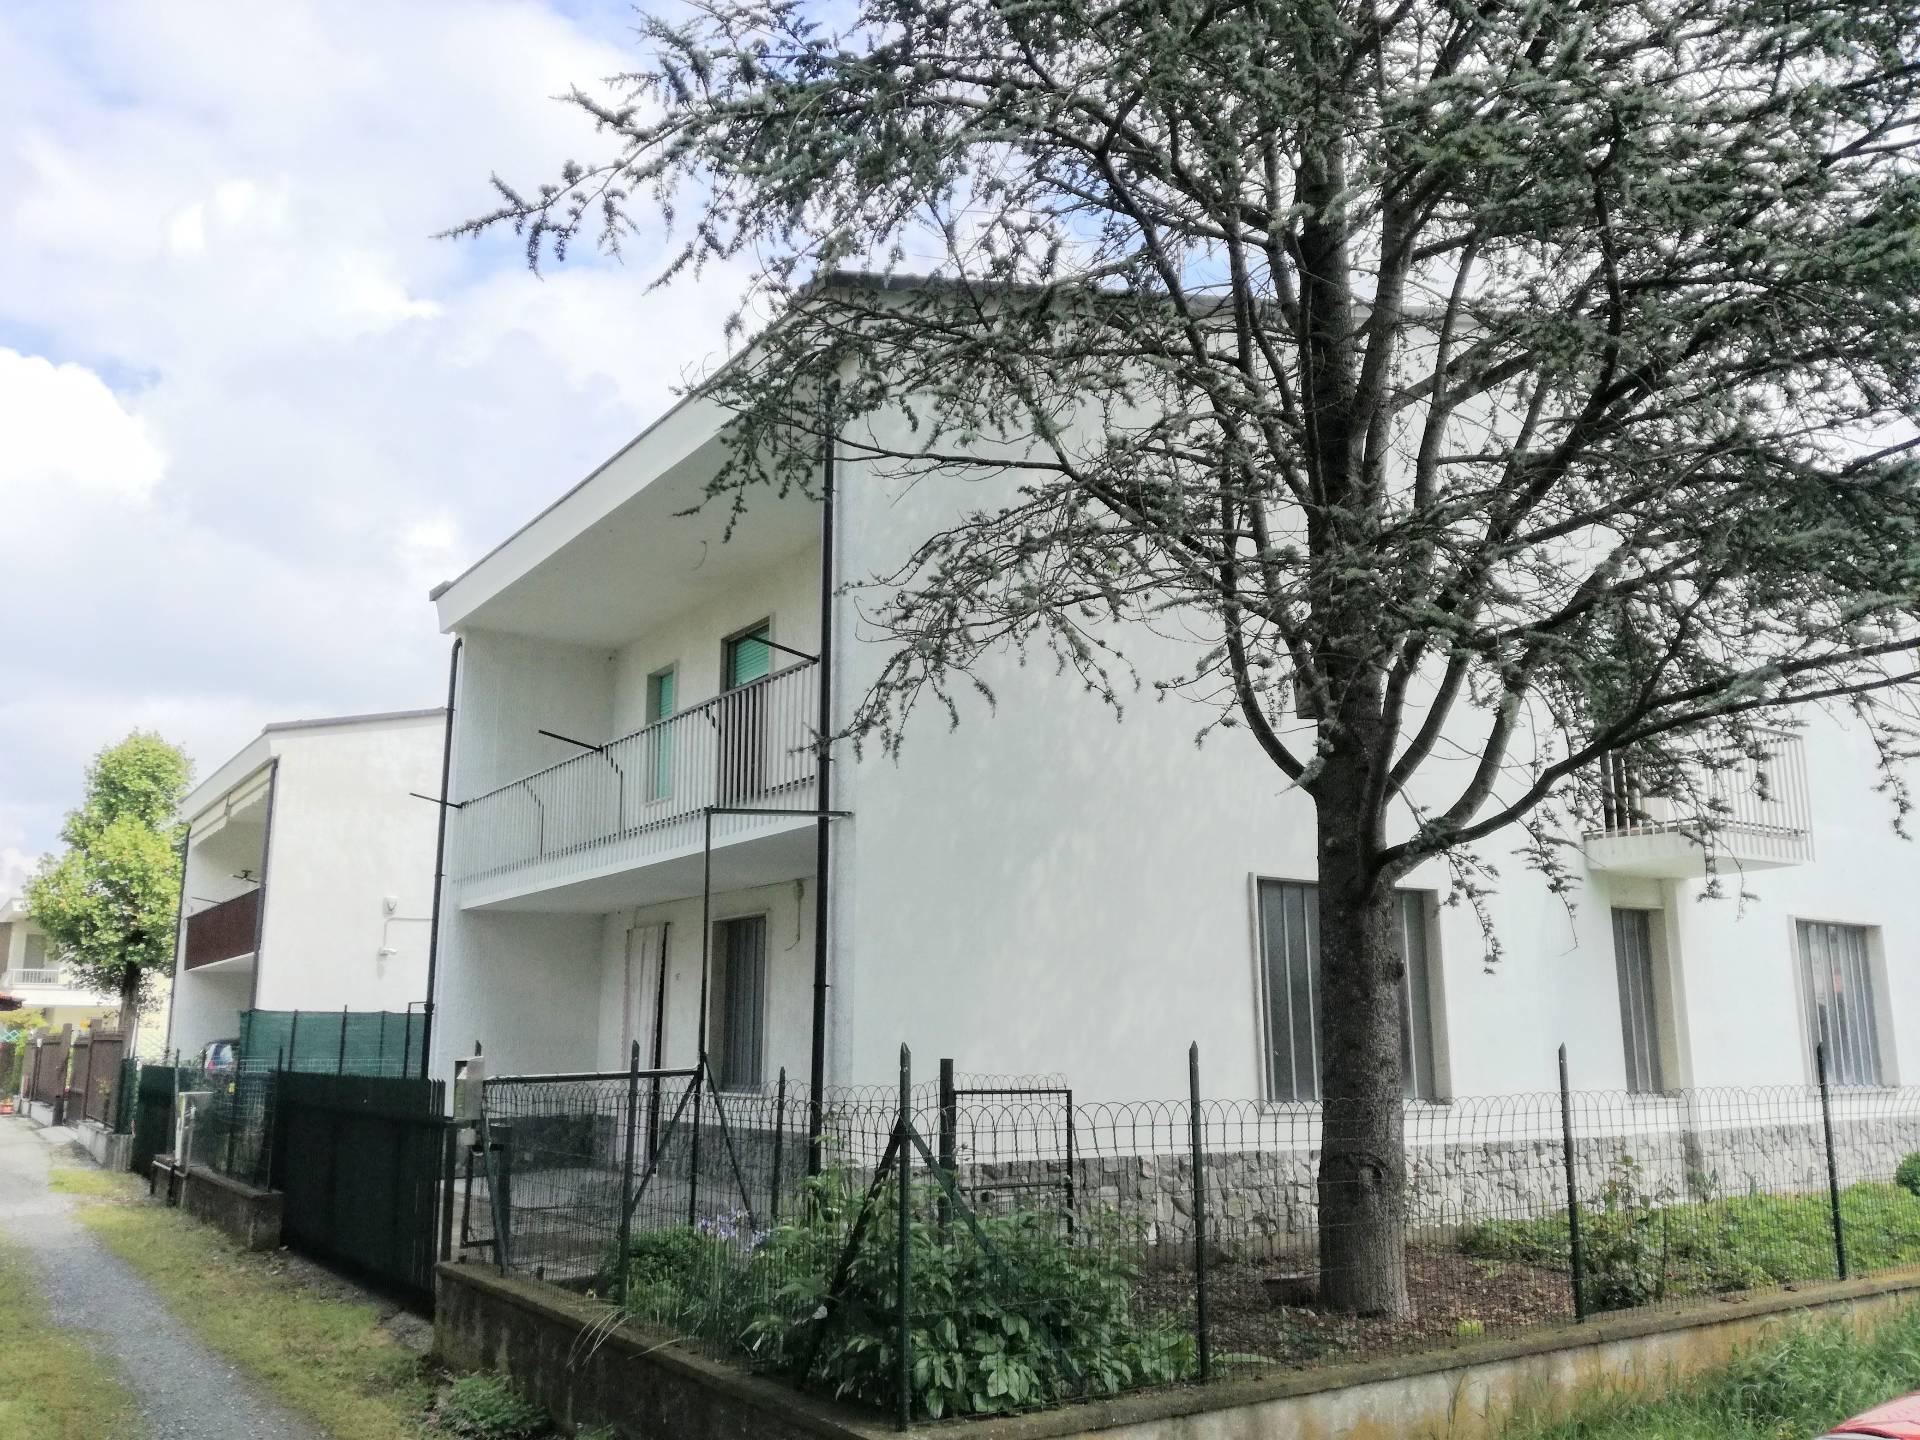 Villa a Schiera in vendita a Mombello Monferrato, 4 locali, zona Zona: Gaminella, prezzo € 100.000 | CambioCasa.it